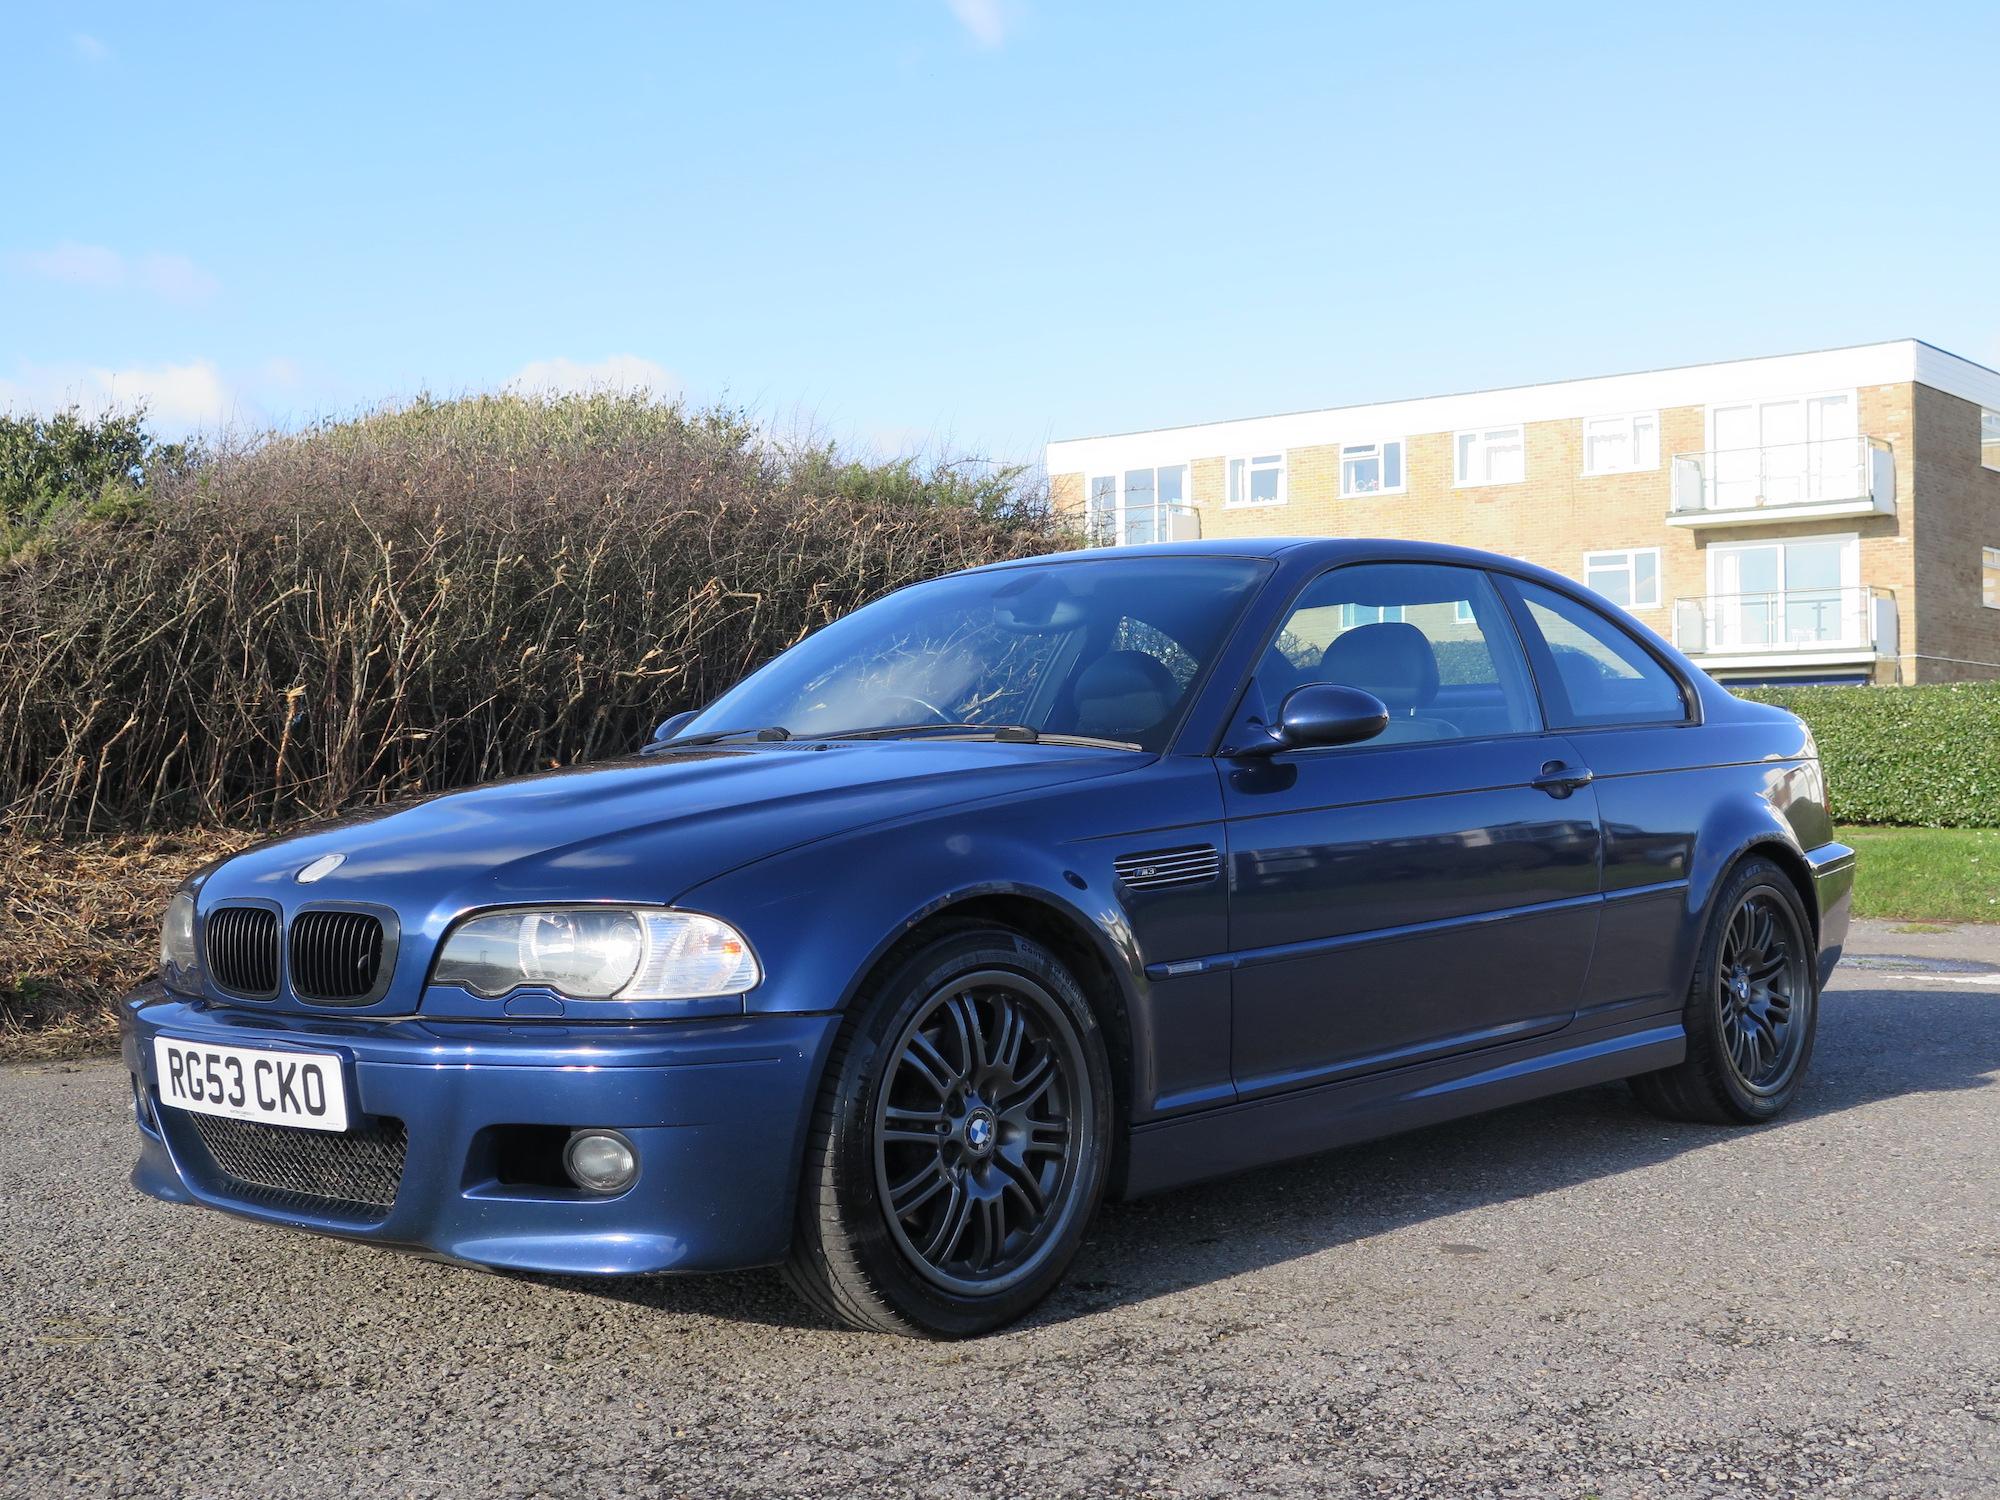 2004 Bmw E46 M3